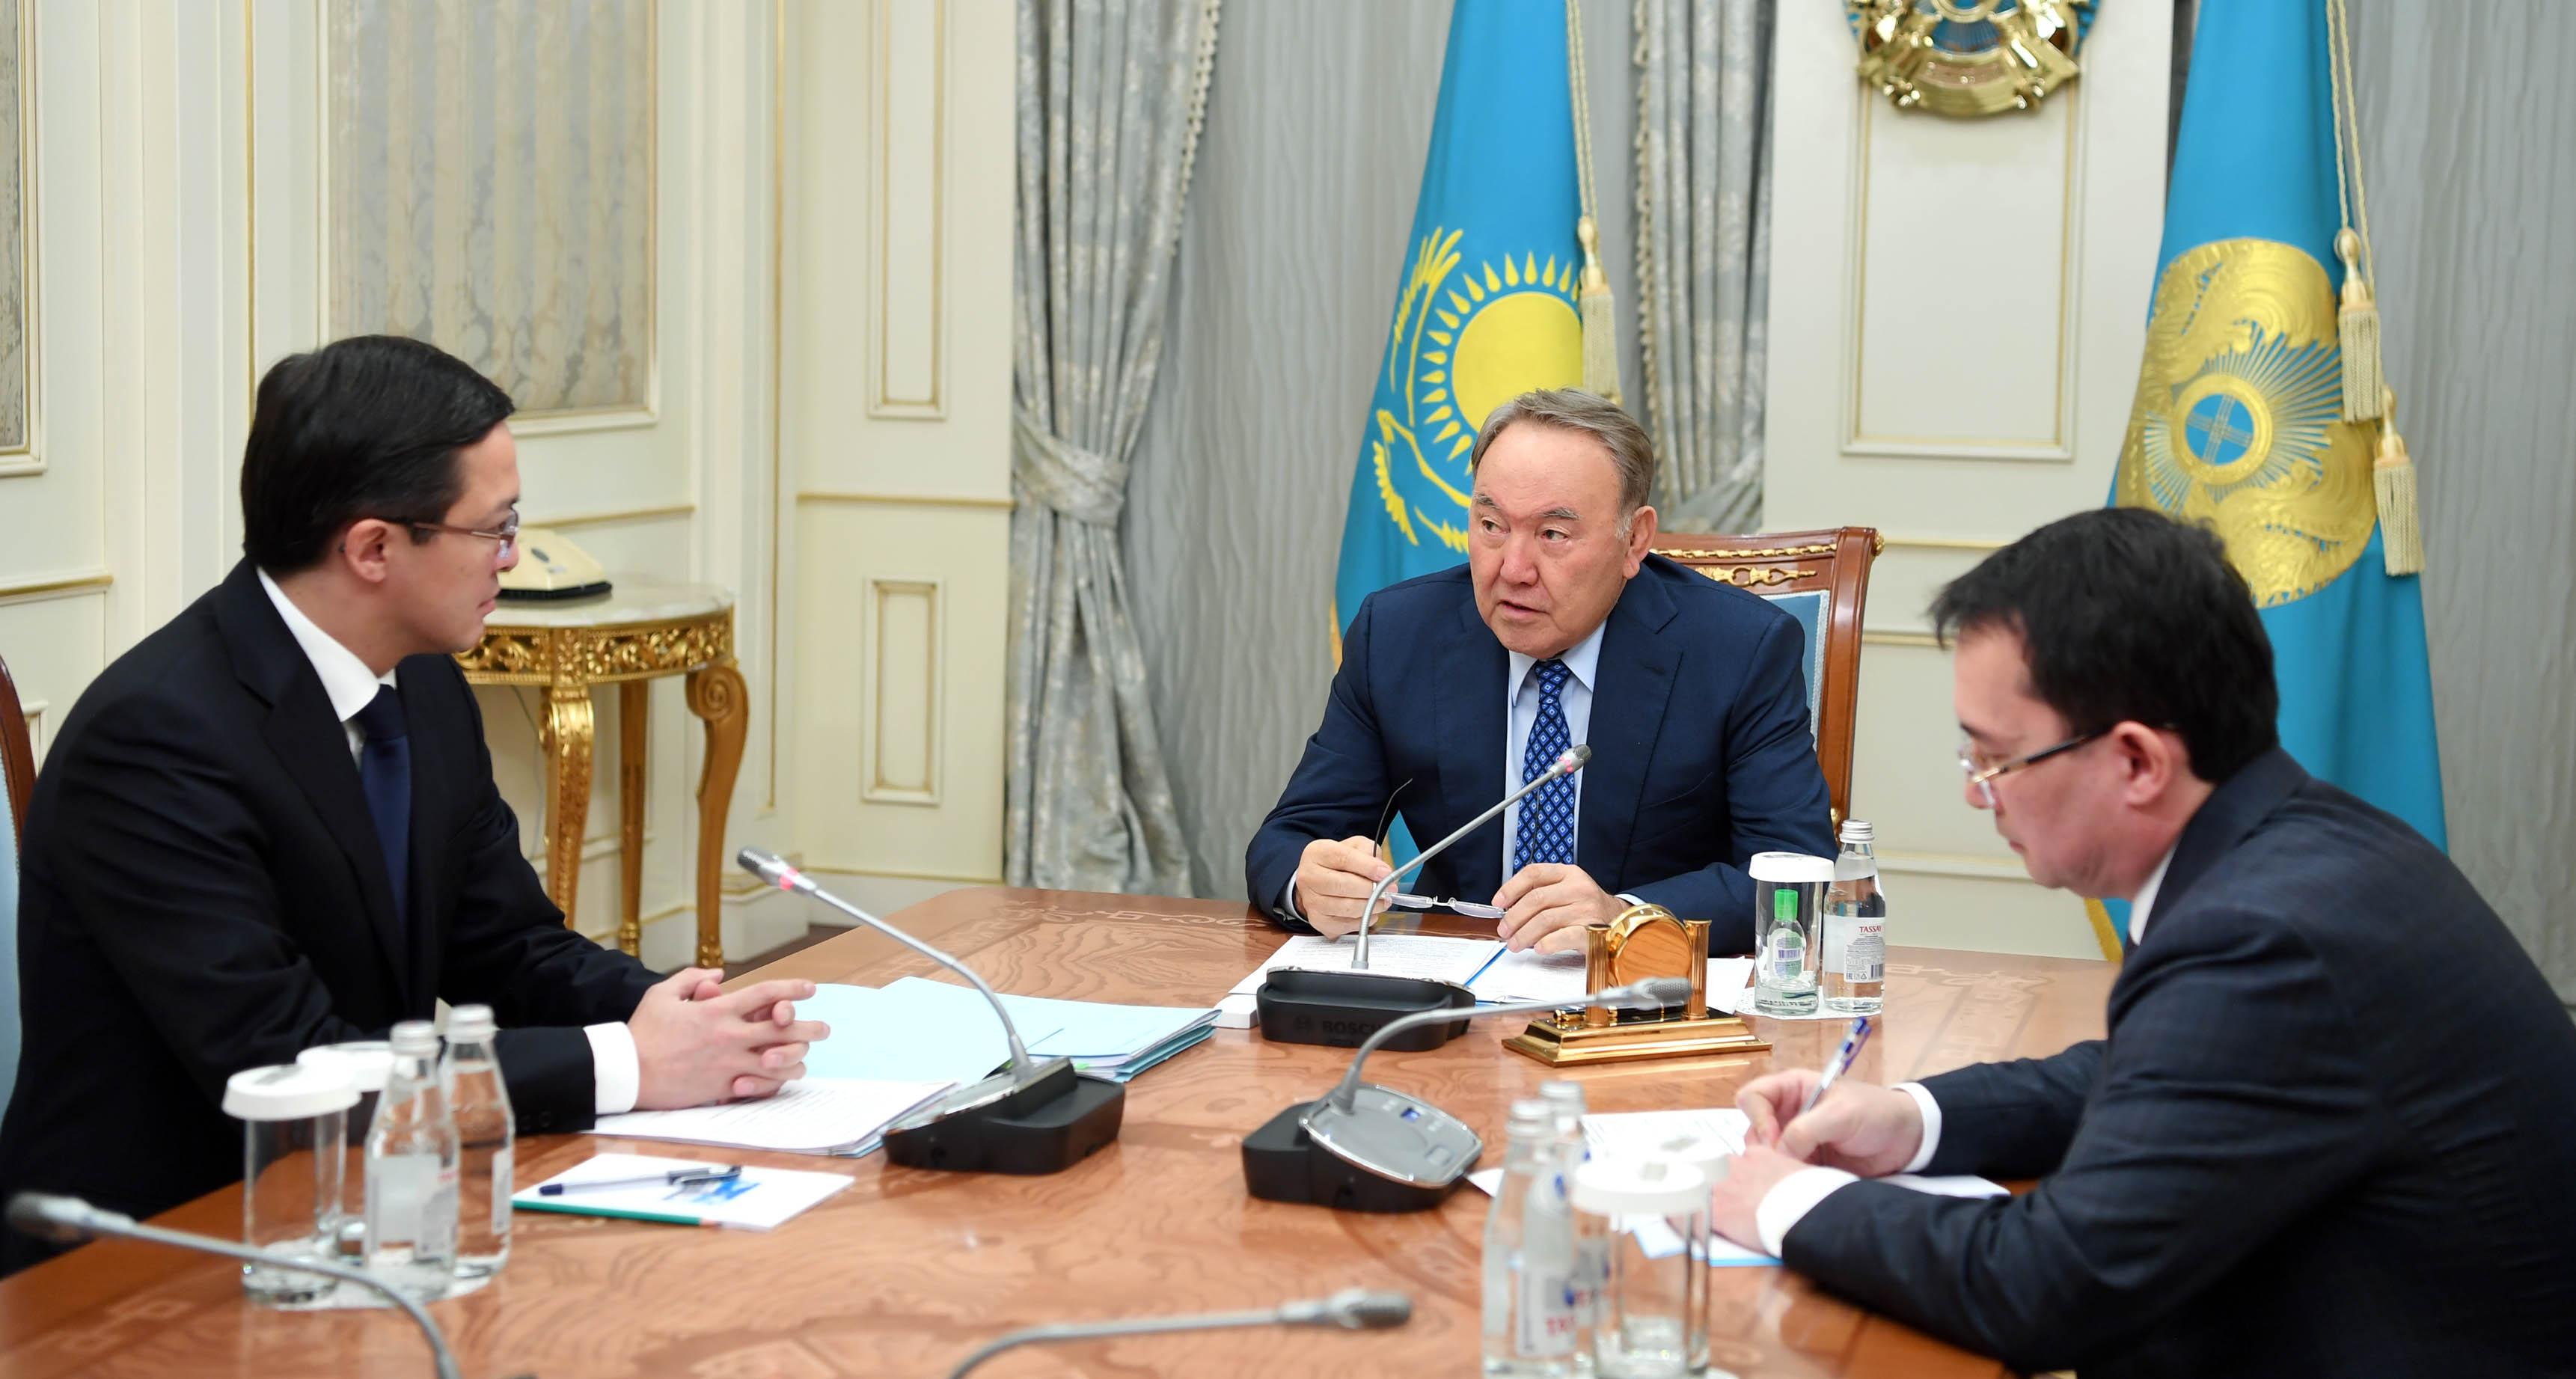 Нурсултан Назарбаев встретился с председателем Нацбанка Данияром Акишевым